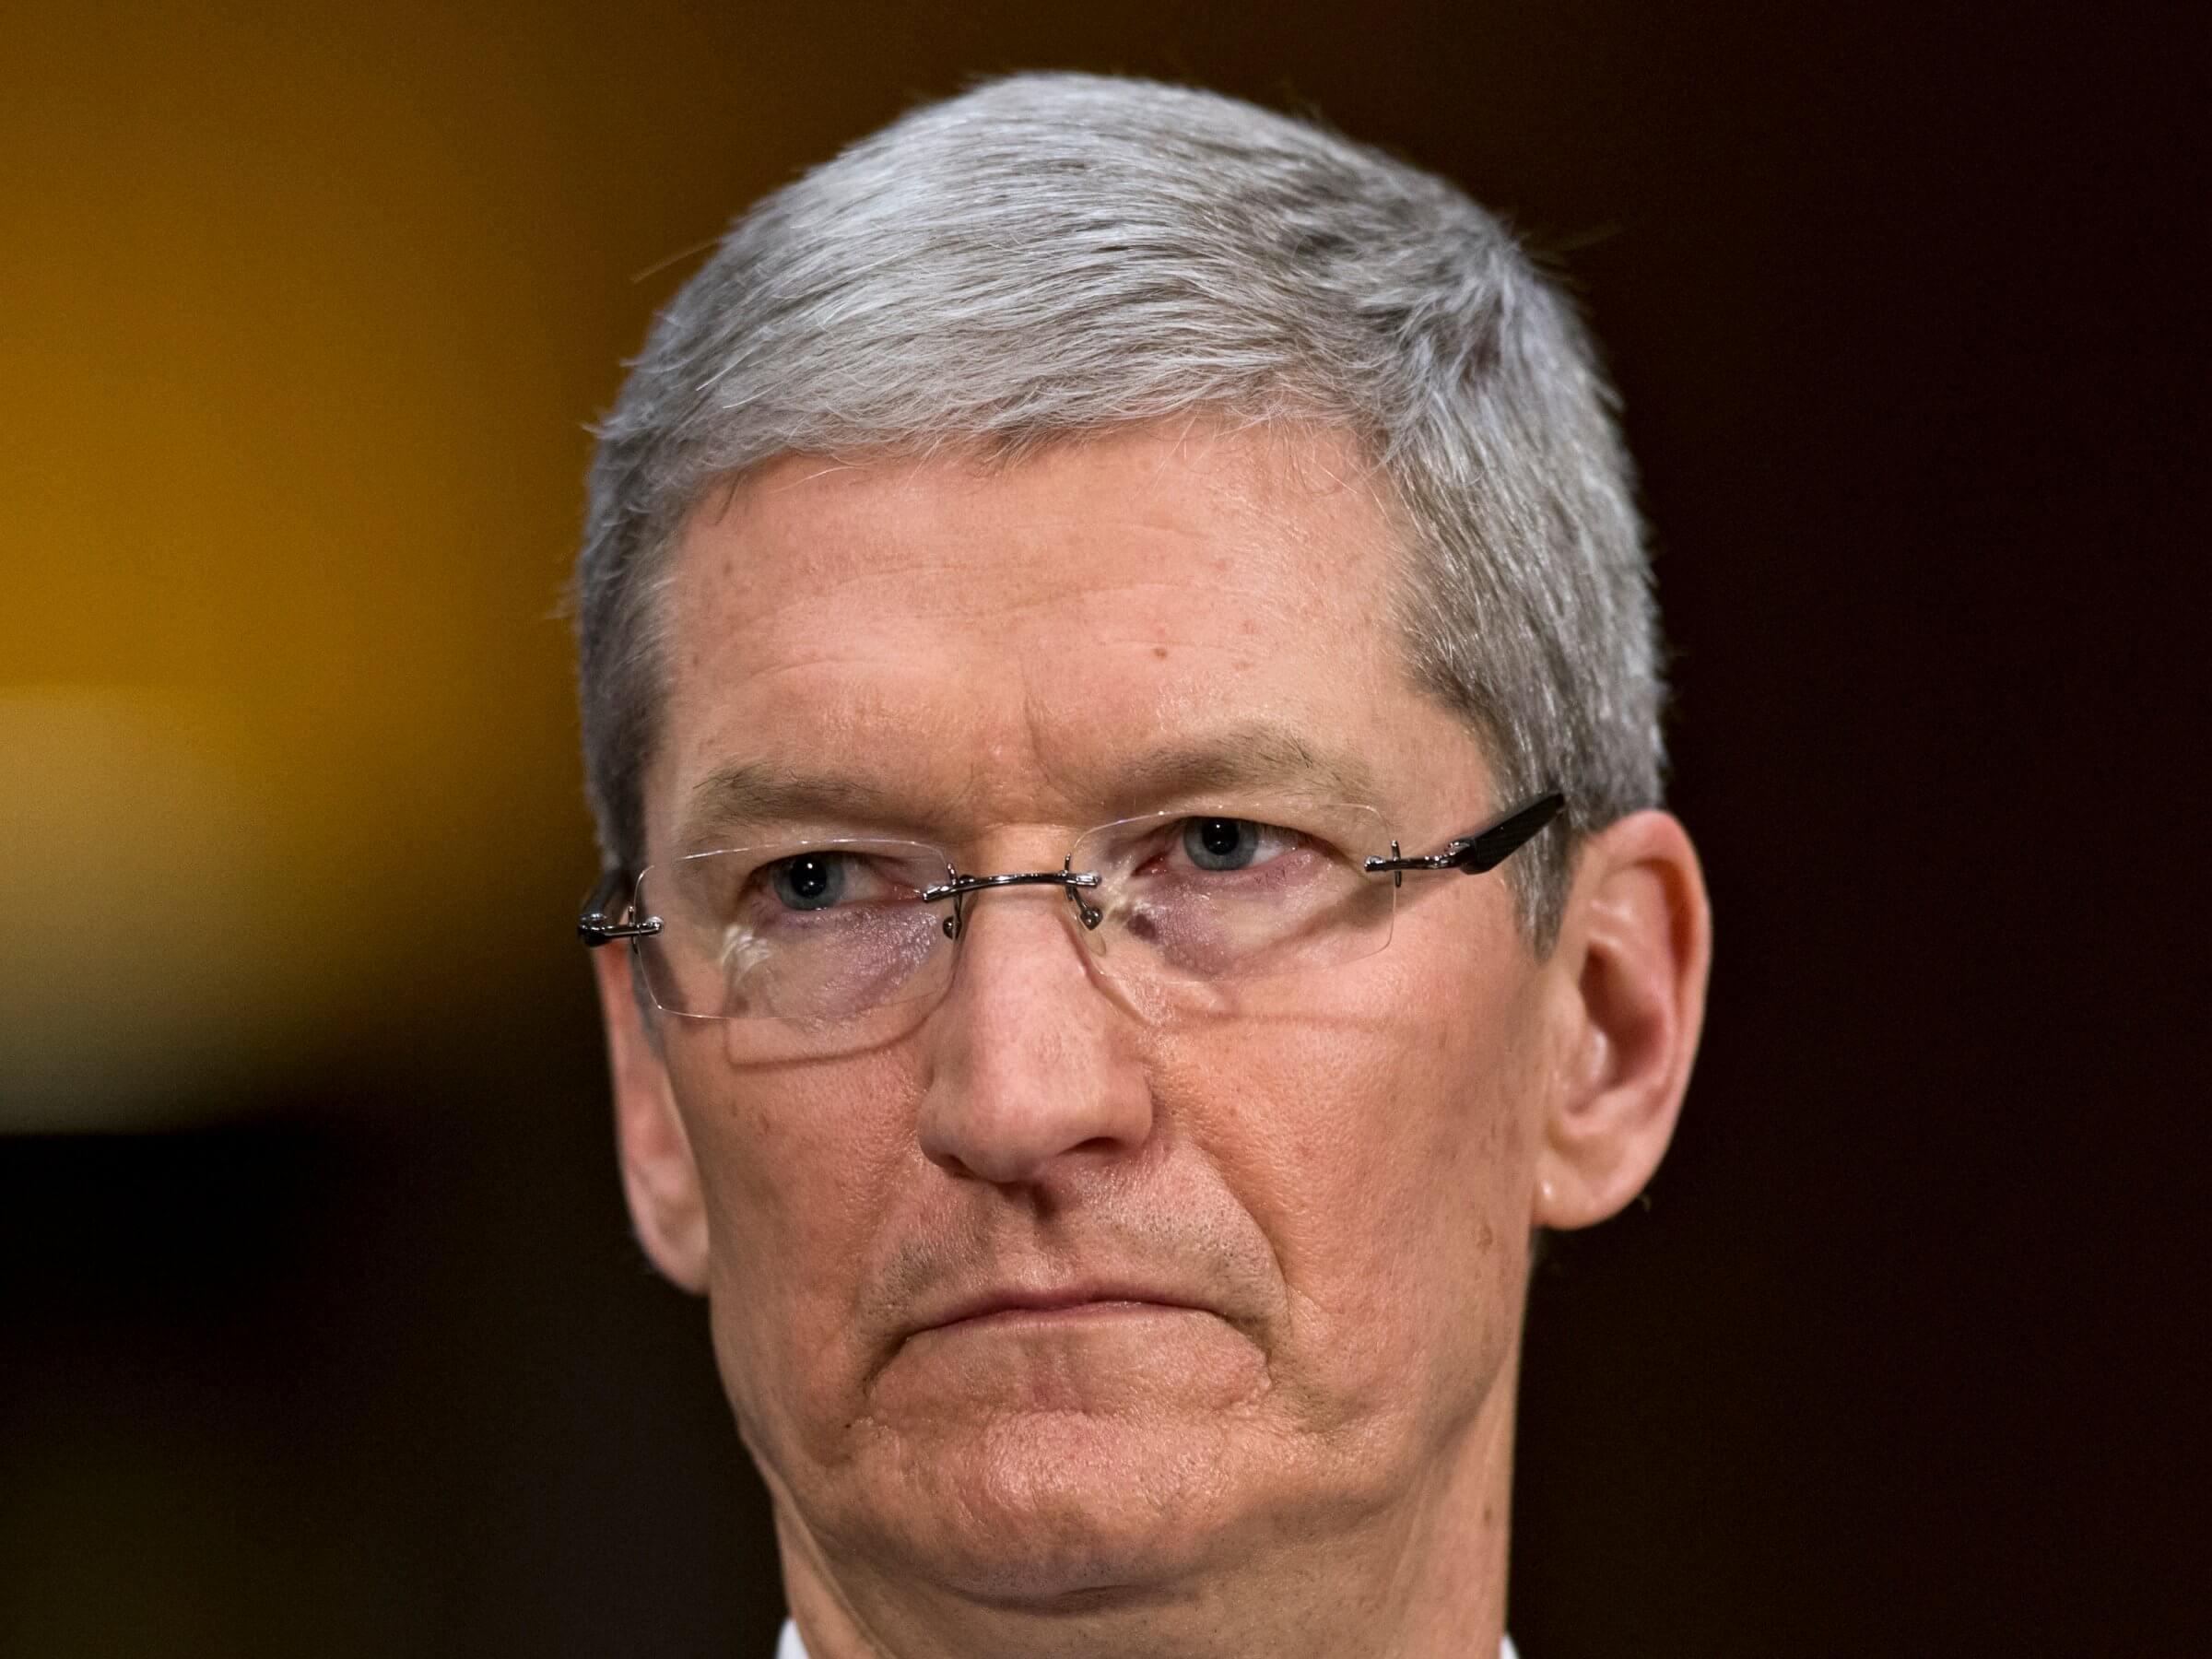 Apple засудила своего бывшего сотрудника. Он создавал процессоры для iPhone